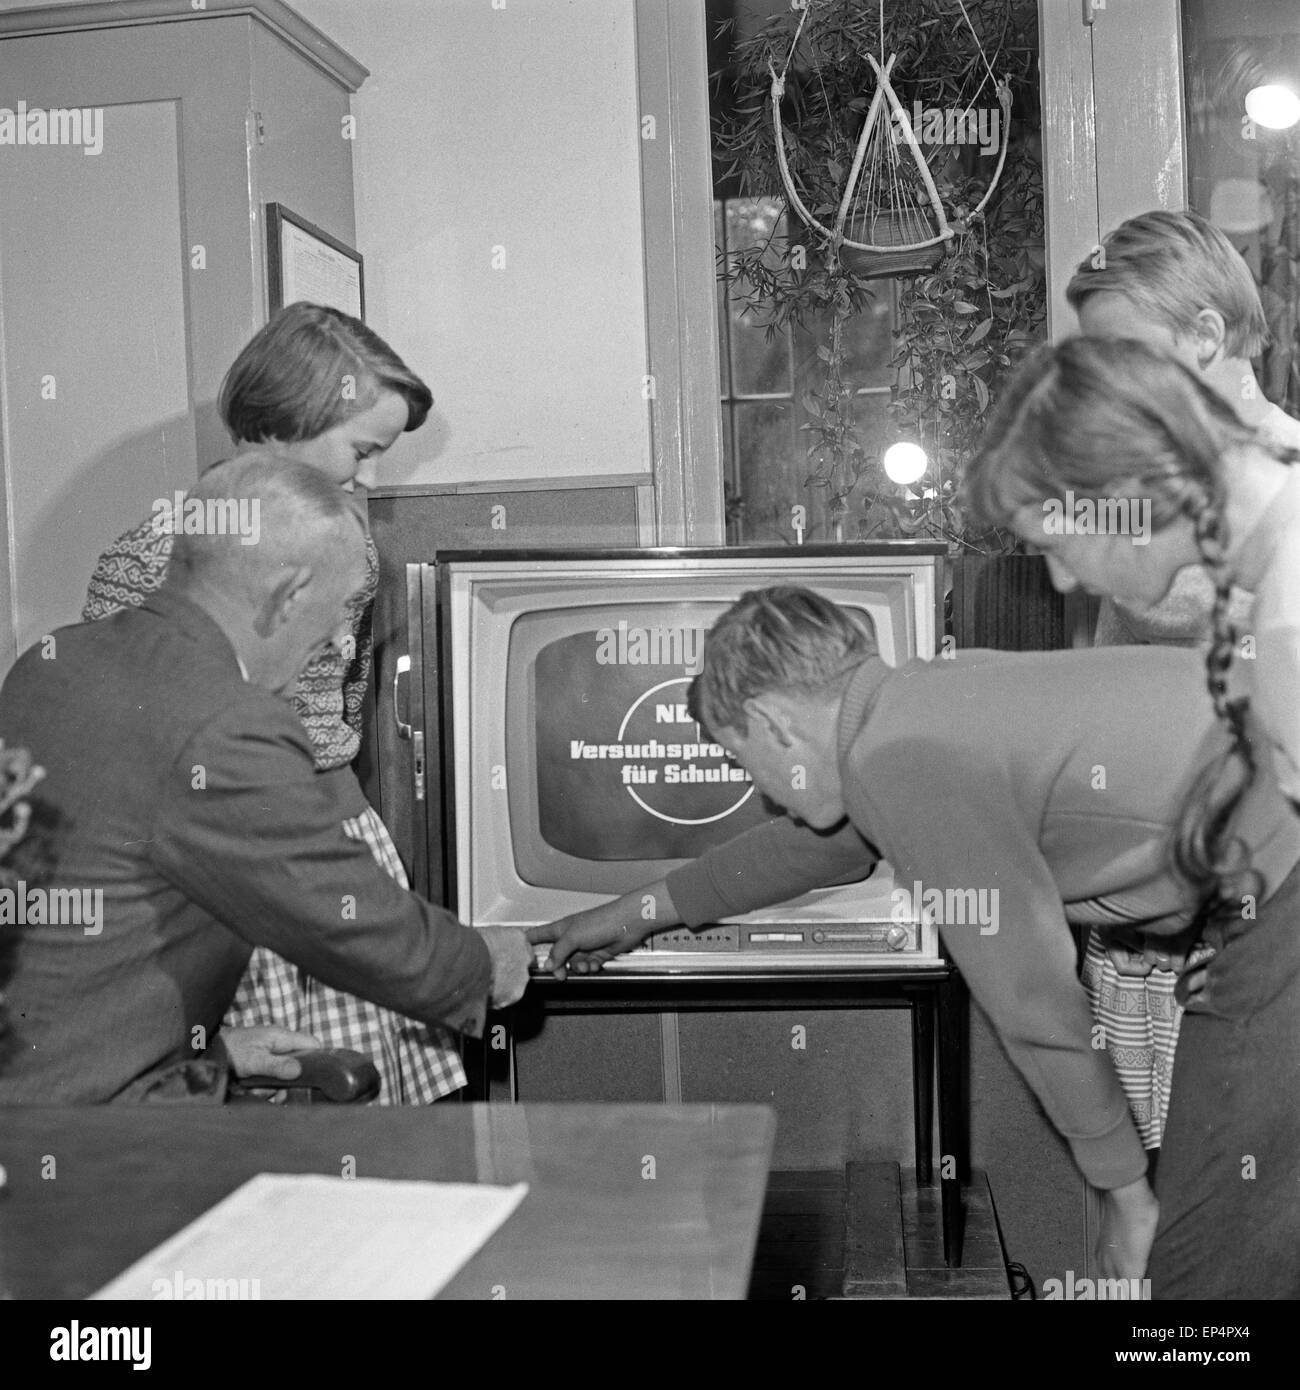 Der neue Fernseher wird in Betrieb genommen im Schulgebäude in Lüdersbüttel im Kreis Norderdithmarschen in Schleswig Holstein, D Stock Photo